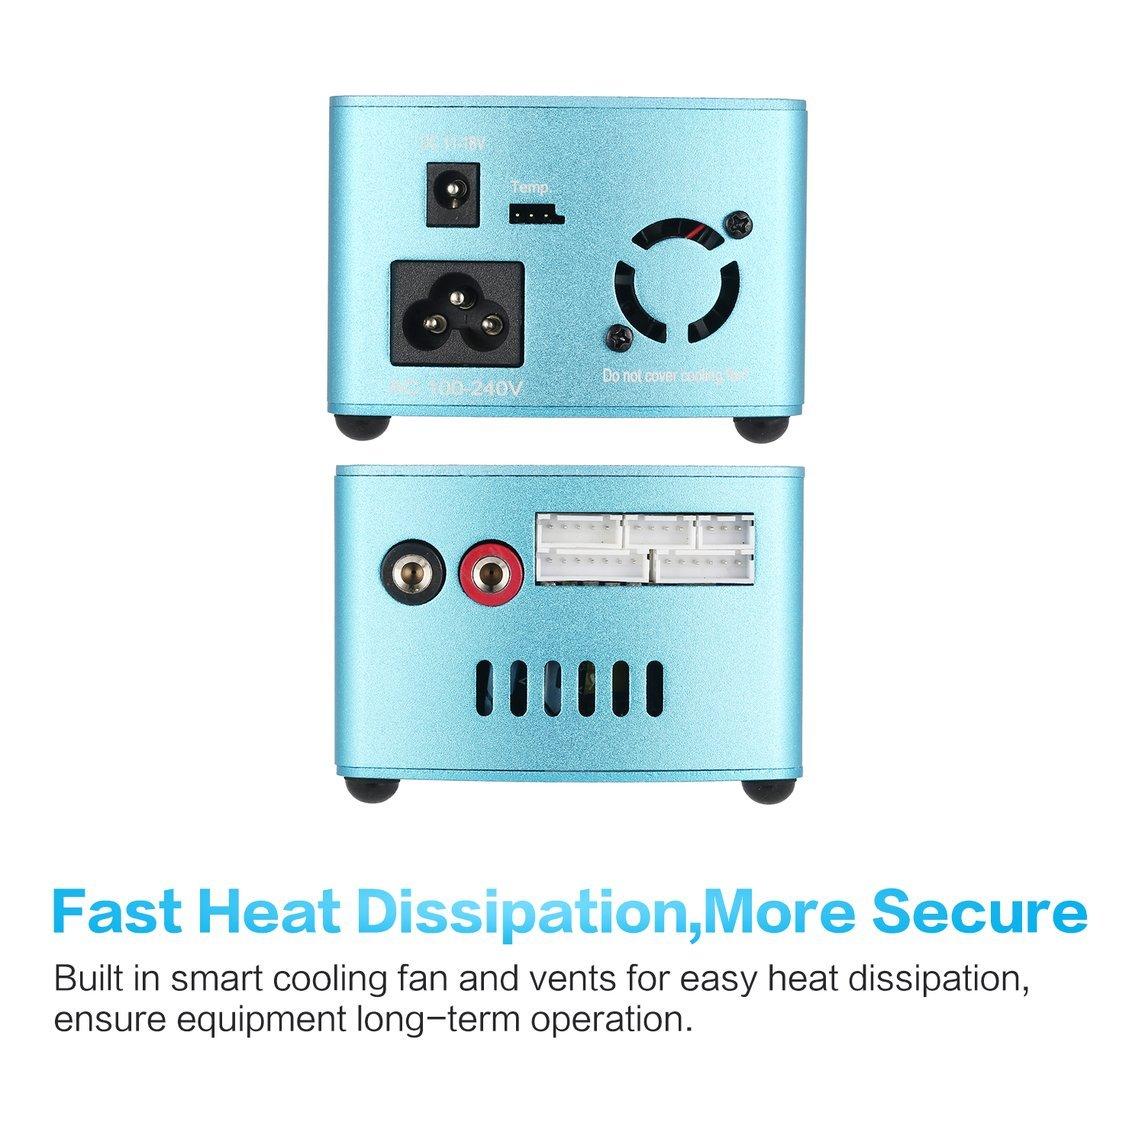 Footprintse BENETECH GM816 Termómetro Digital del anemómetro Velocidad del Viento Medidor de Temperatura del Flujo de Aire de la Velocidad del Aire Medidor de Viento con retroiluminación LCD